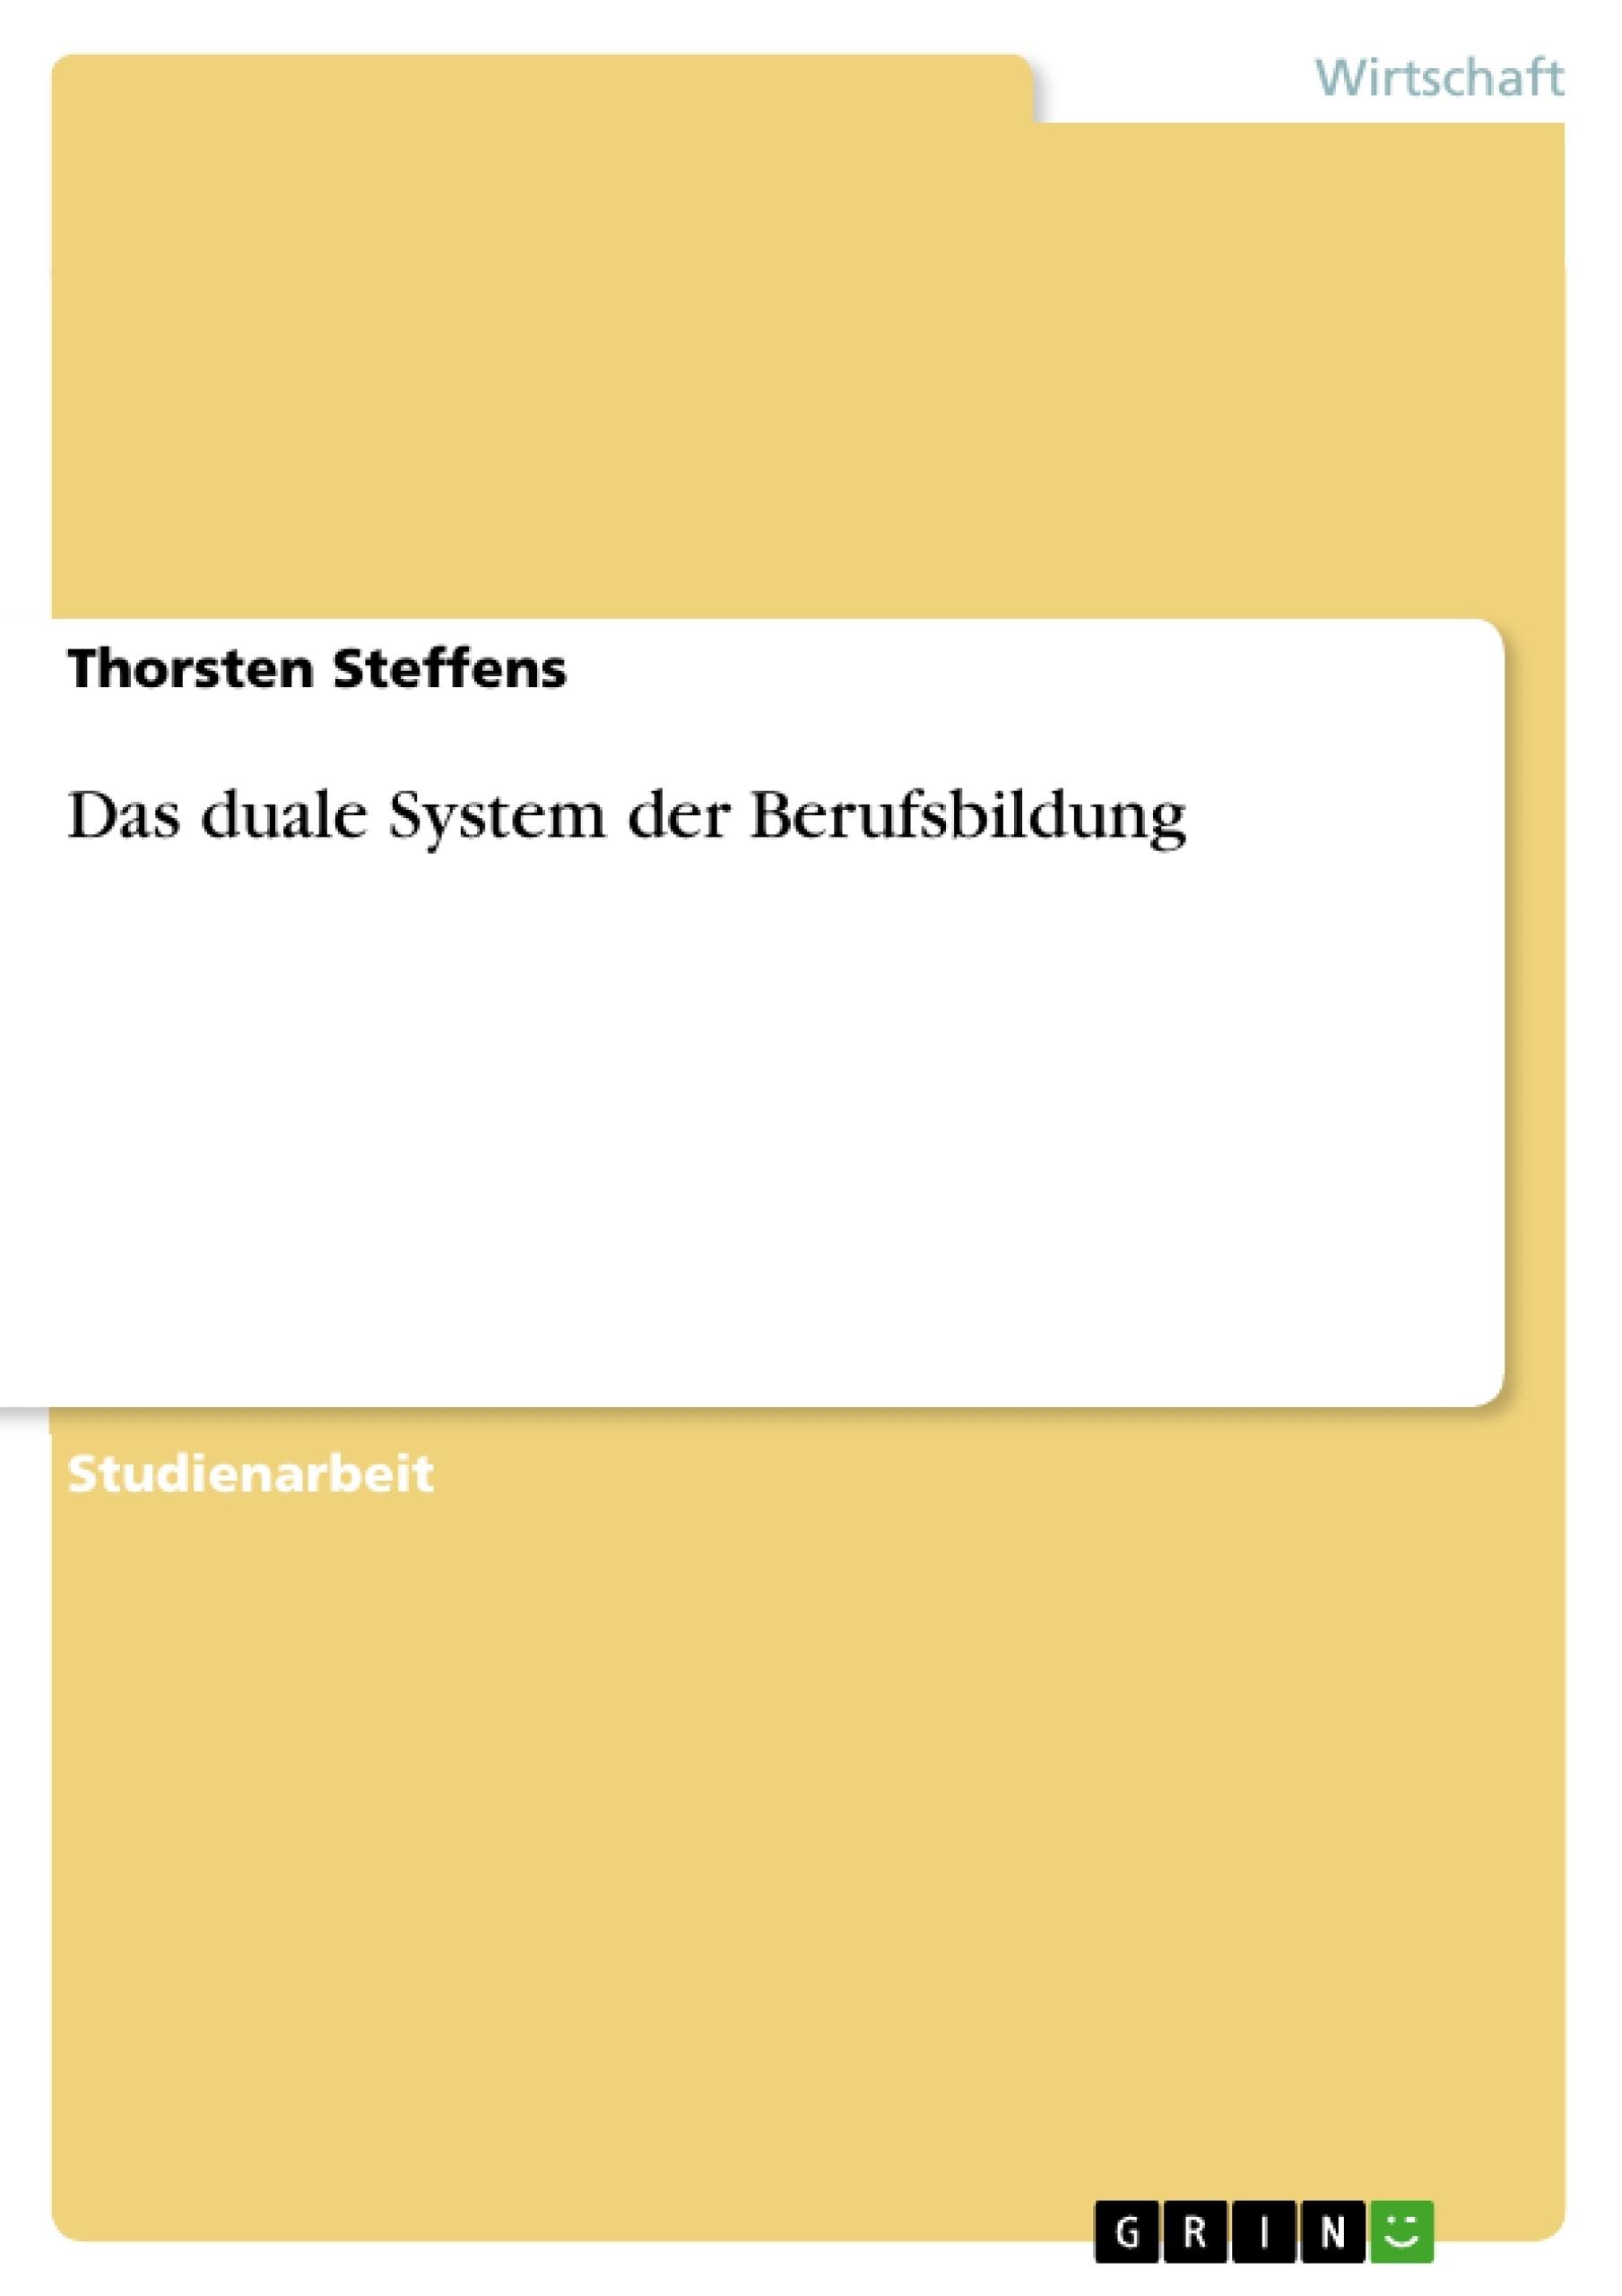 Titel: Das duale System der Berufsbildung